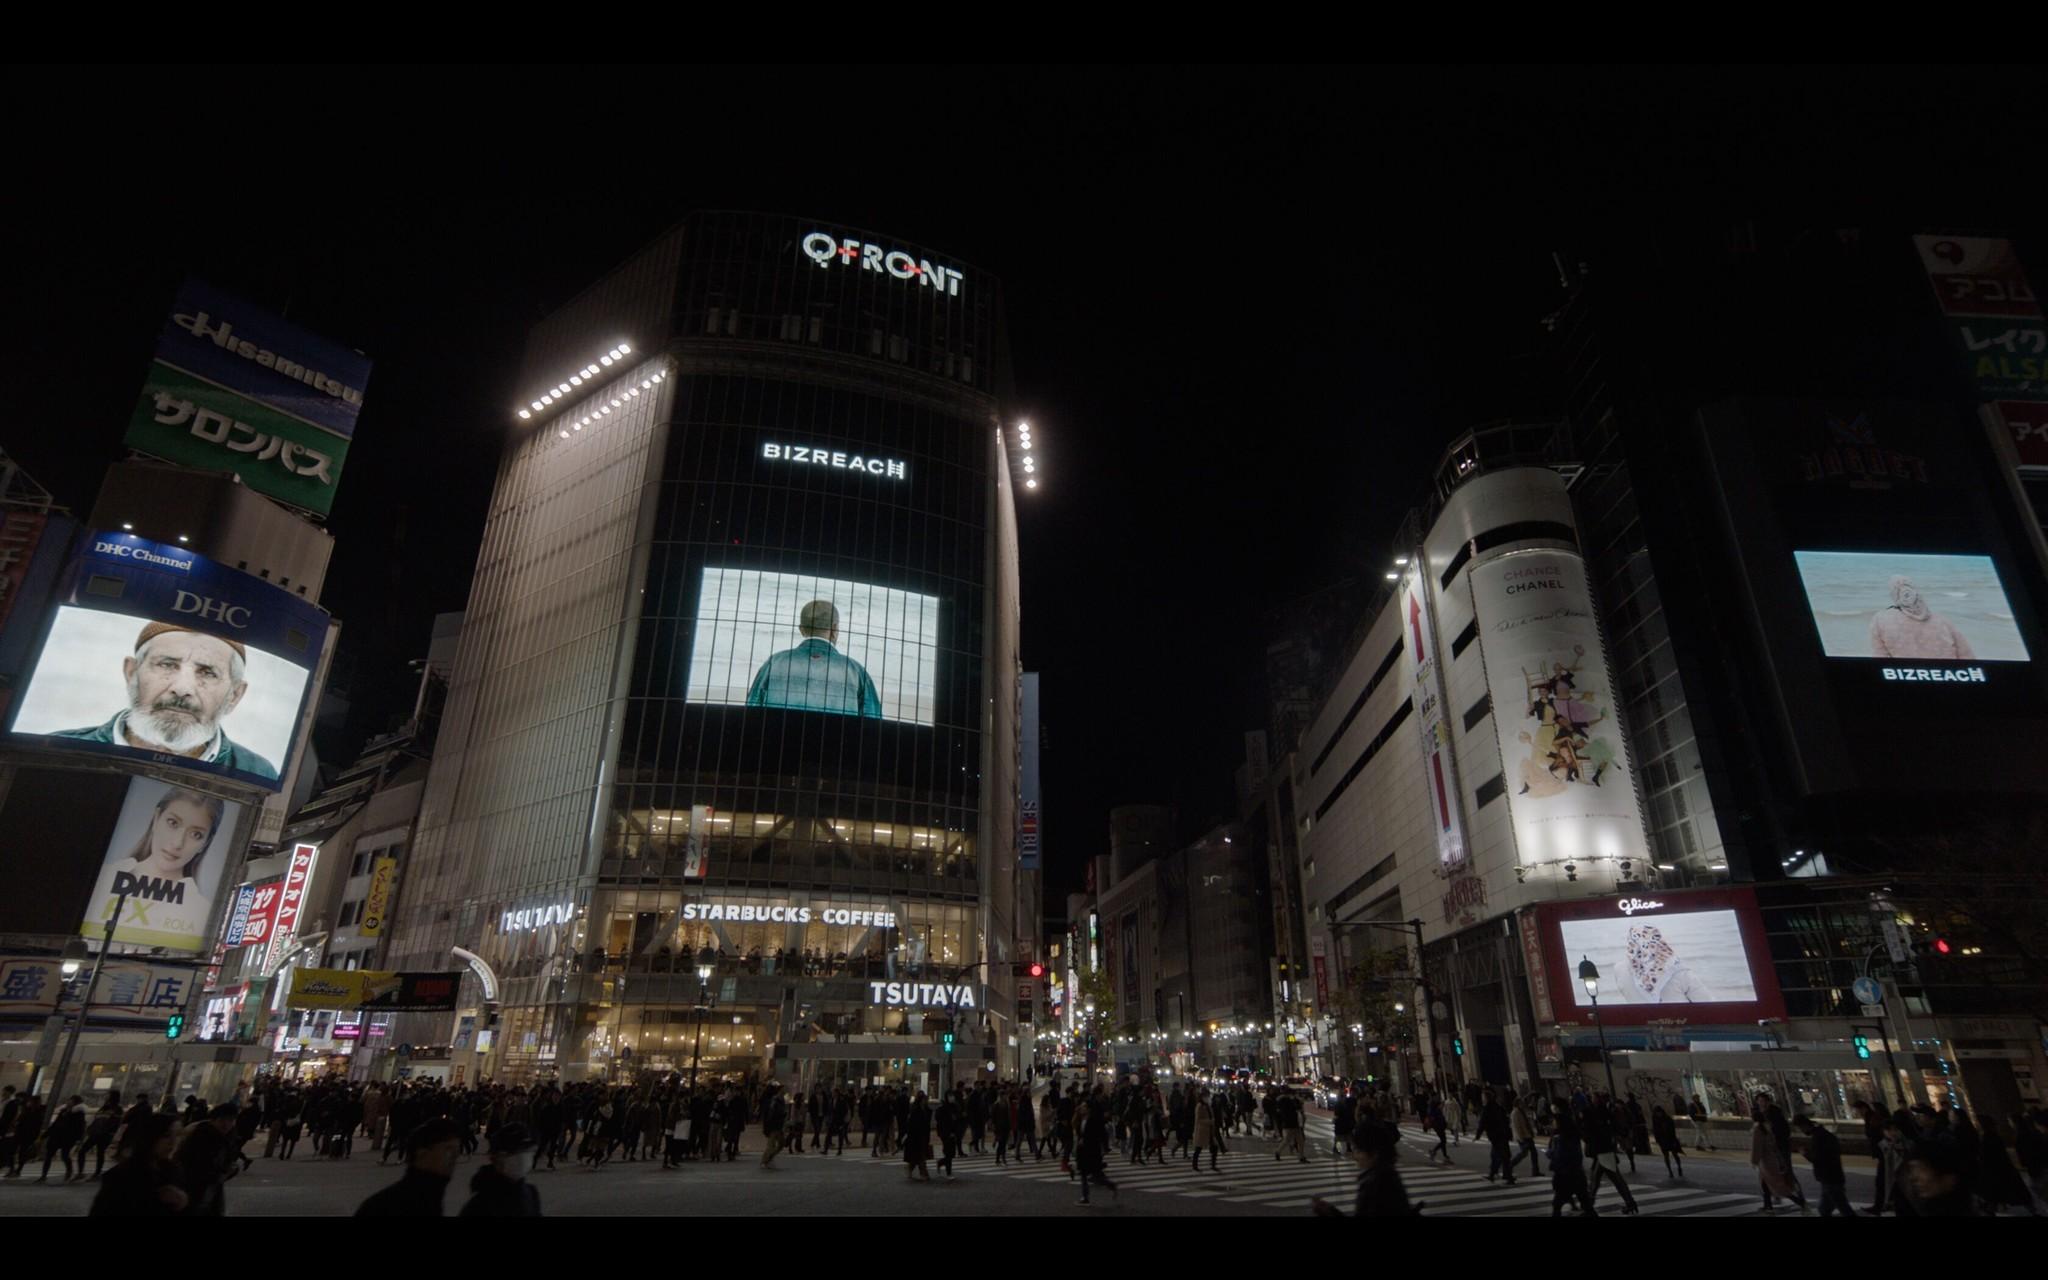 スクランブル ライブ 渋谷 映像 交差点 【ライブ映像】渋谷ハロウィン「センター街」激混み、スクランブル交差点では警察が厳戒警備